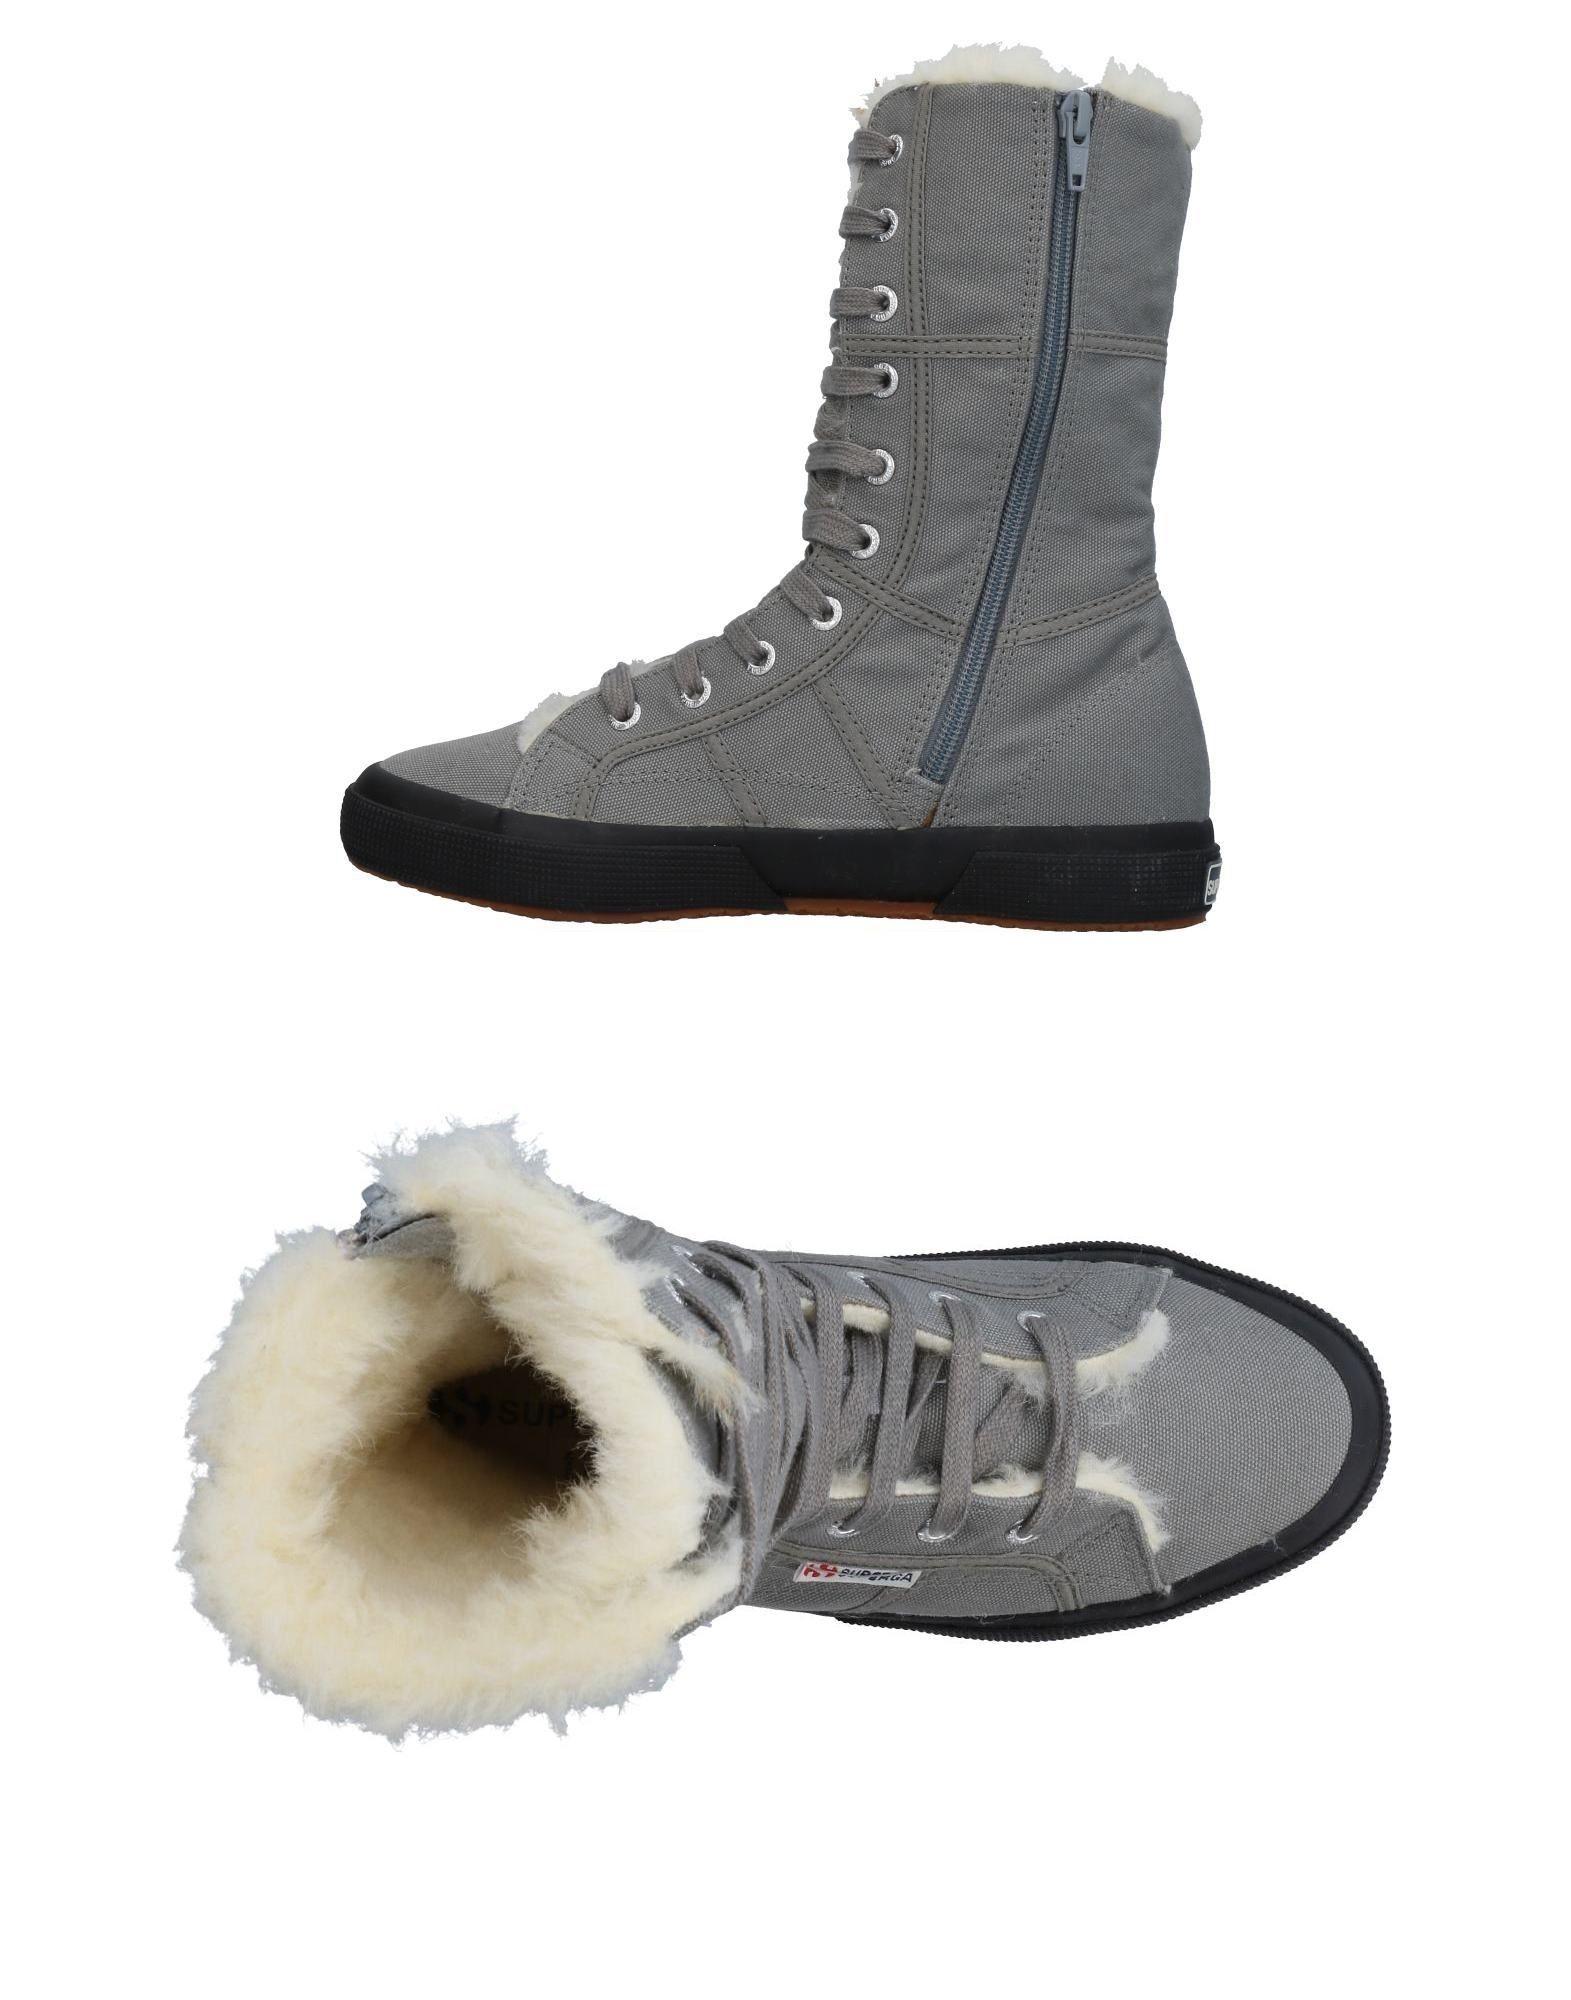 Scarpe economiche e resistenti Sneakers Superga  Donna - 11462808PP